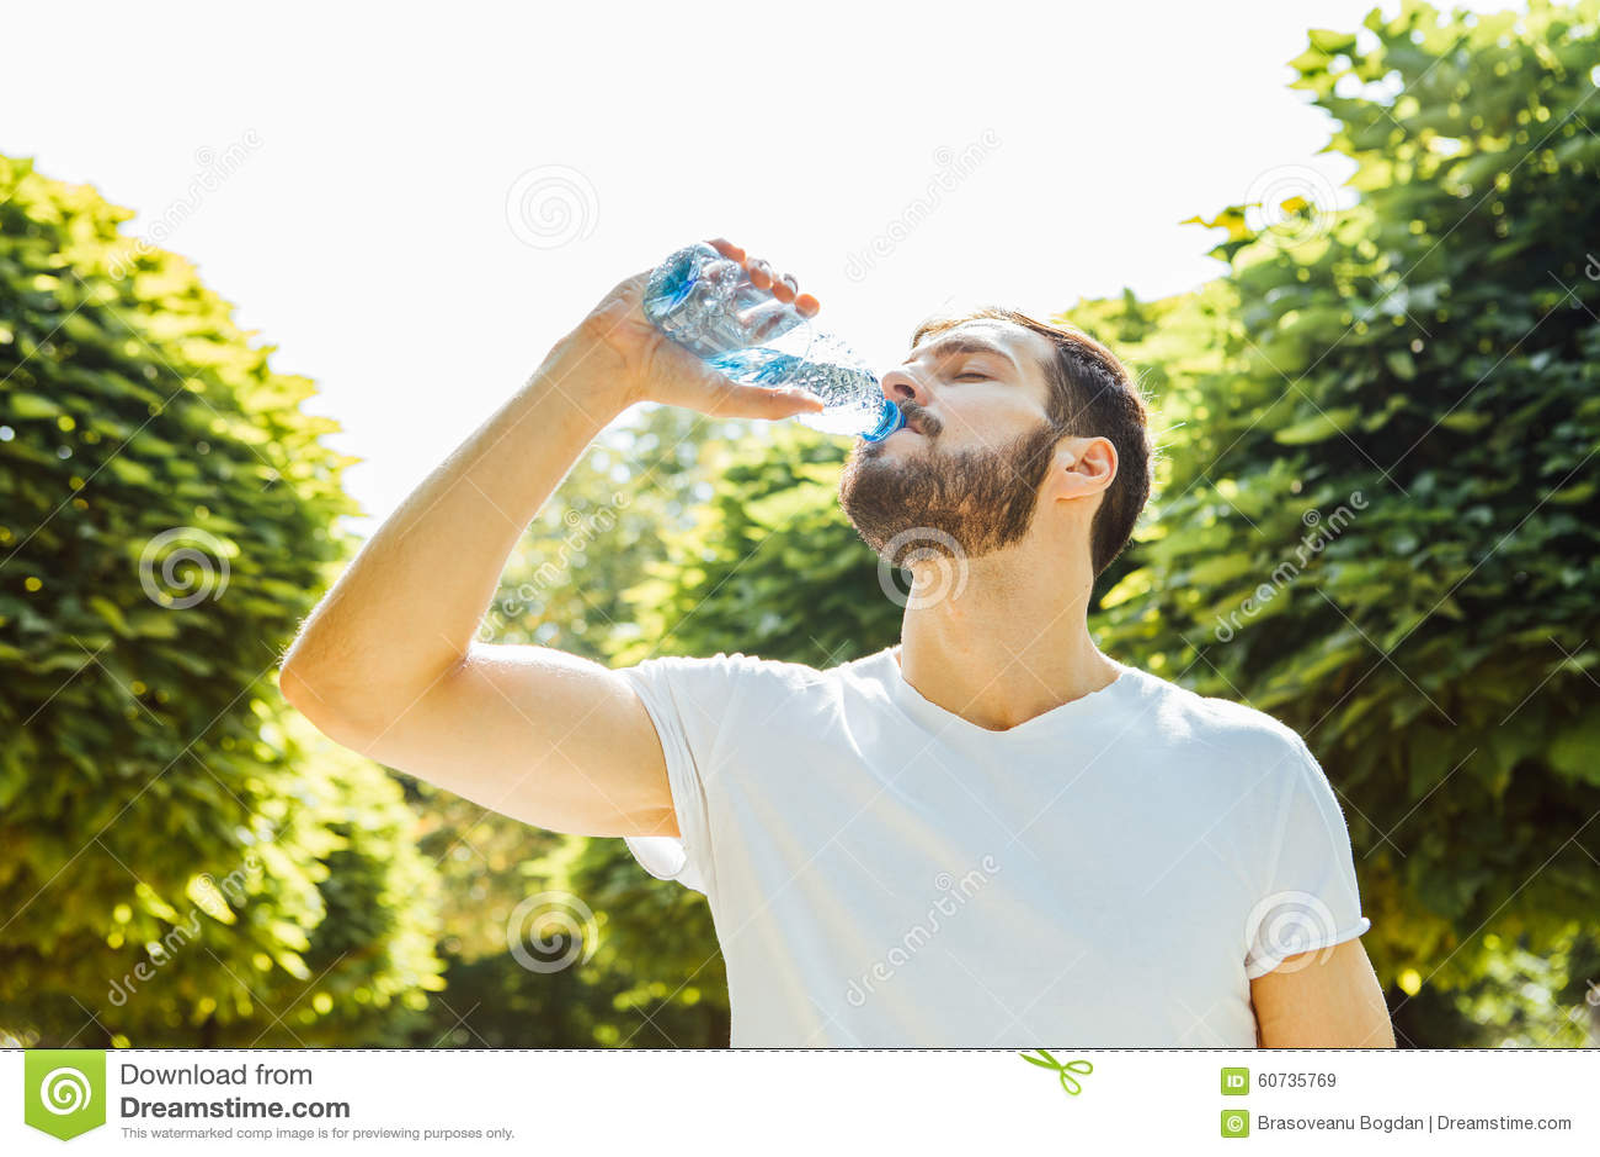 Agua potable del hombre adulto de una botella afuera